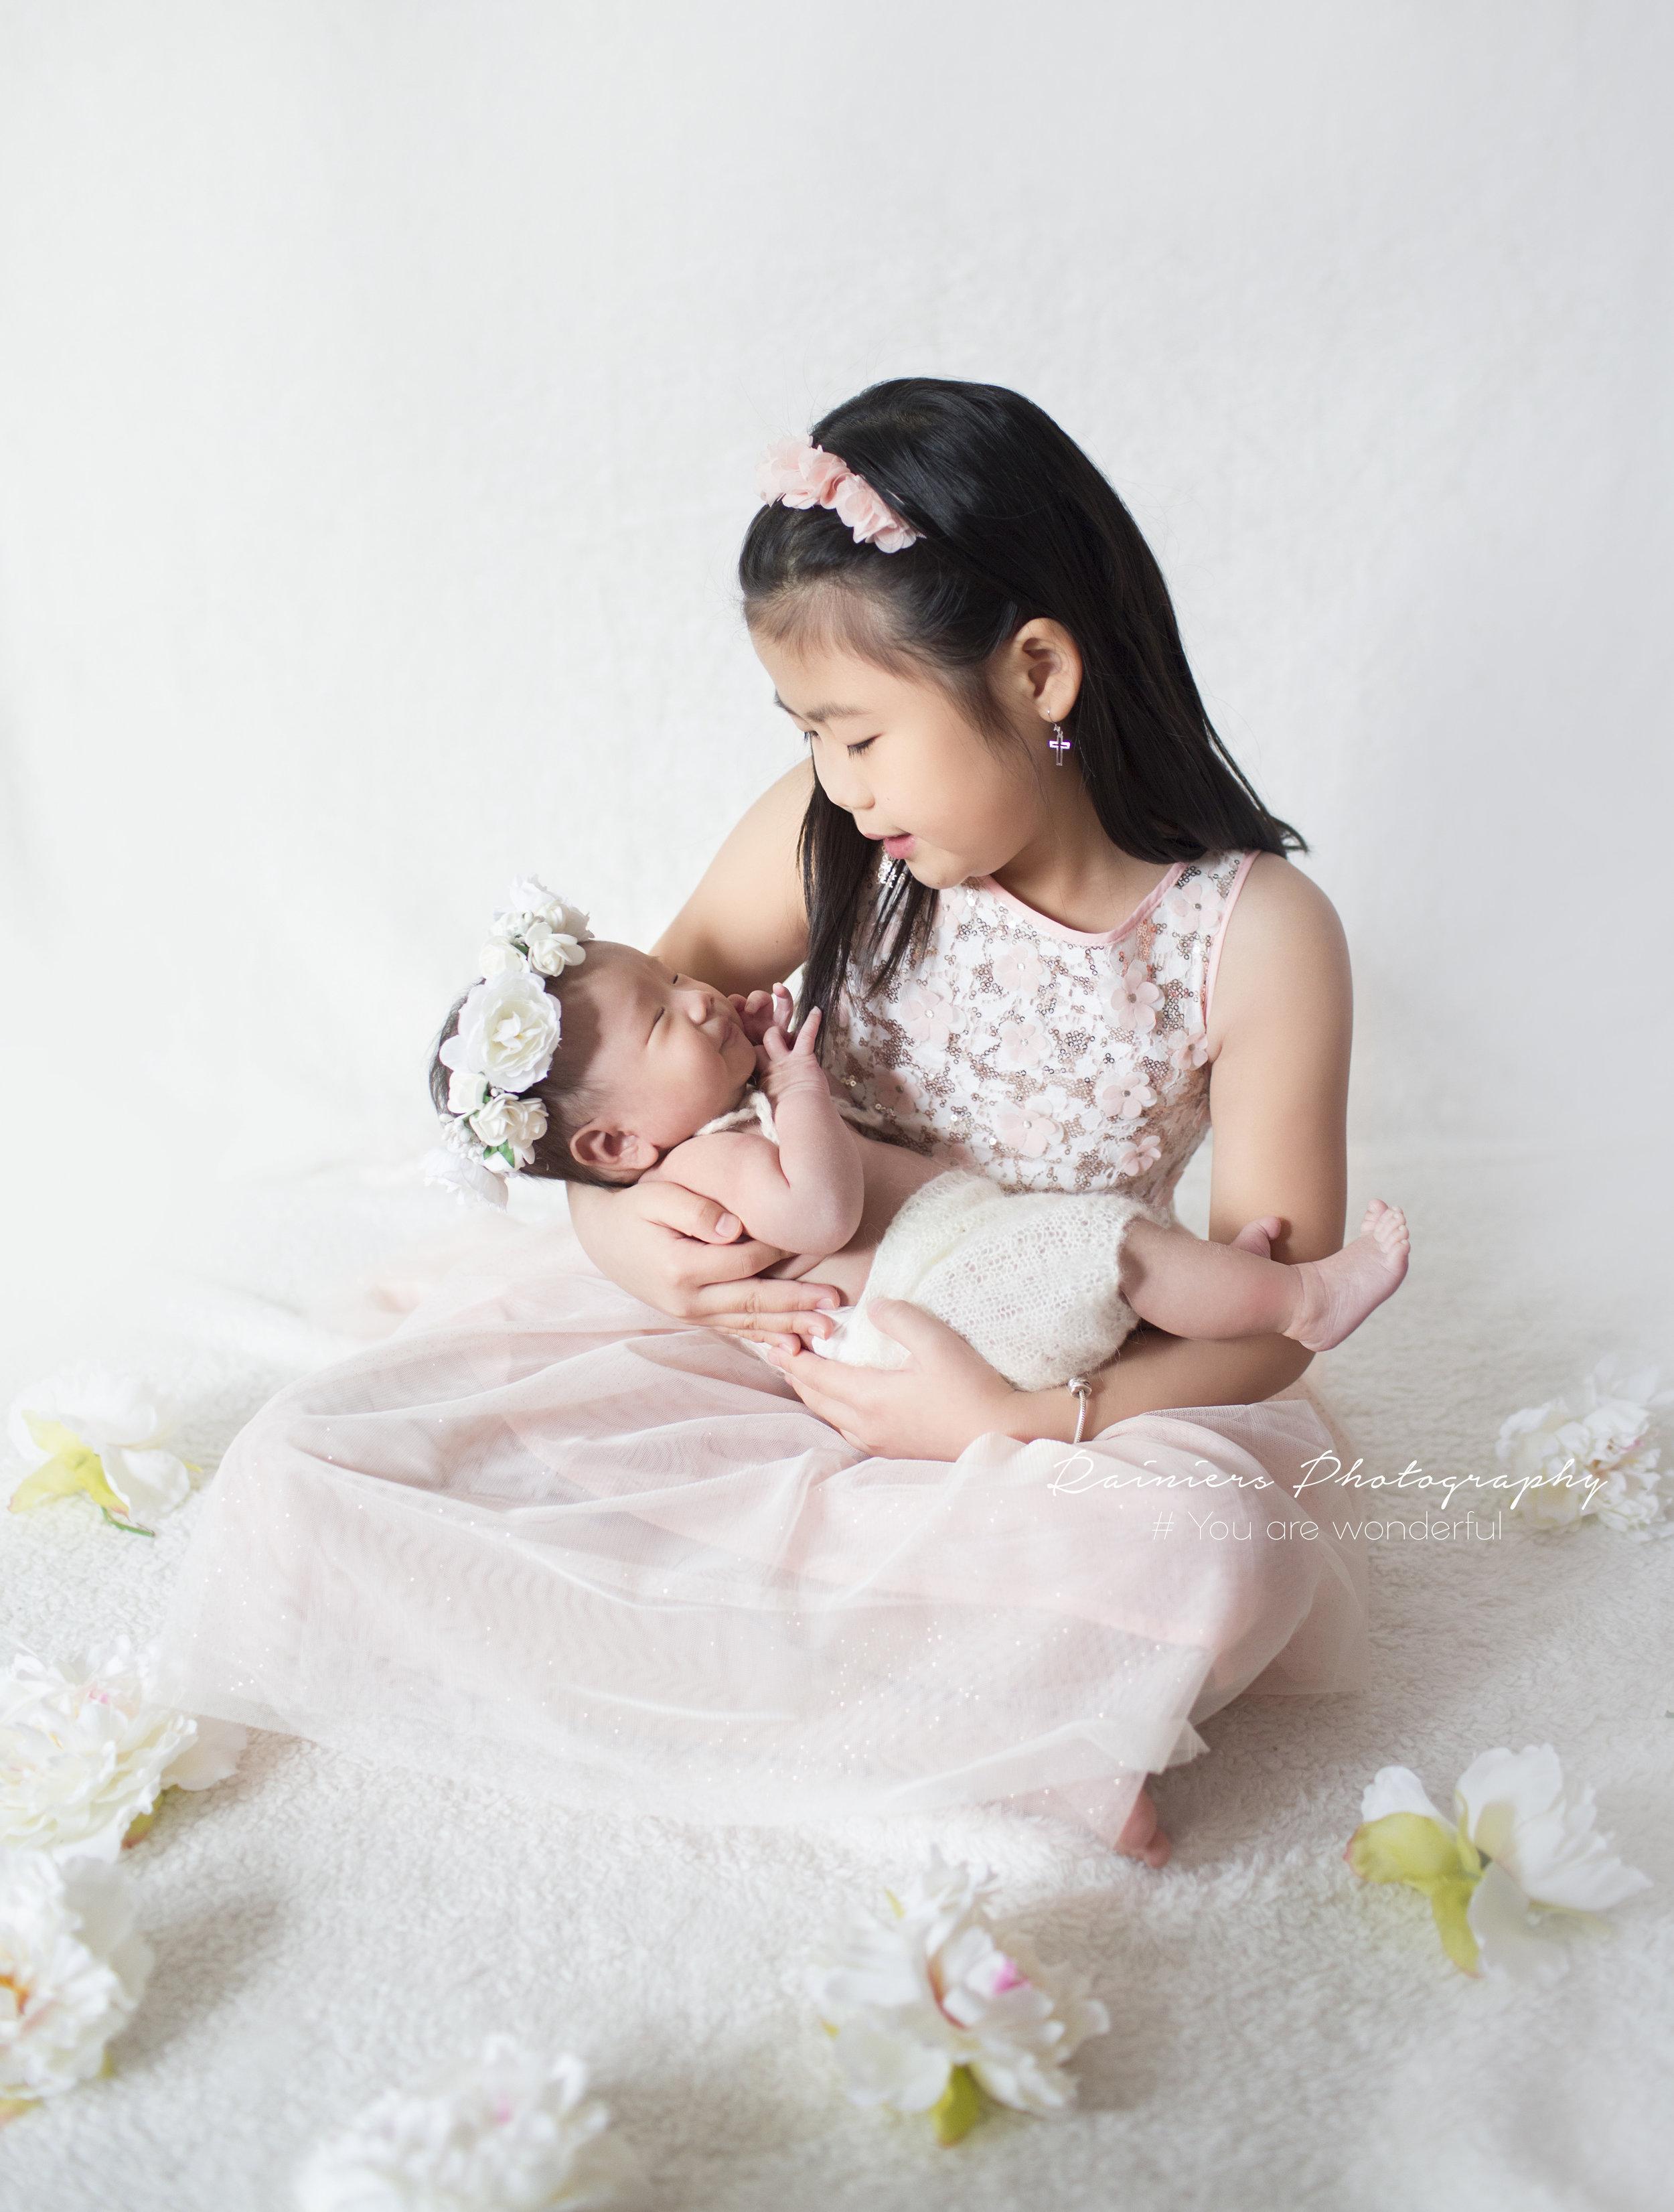 Baby Naveah-15.jpg